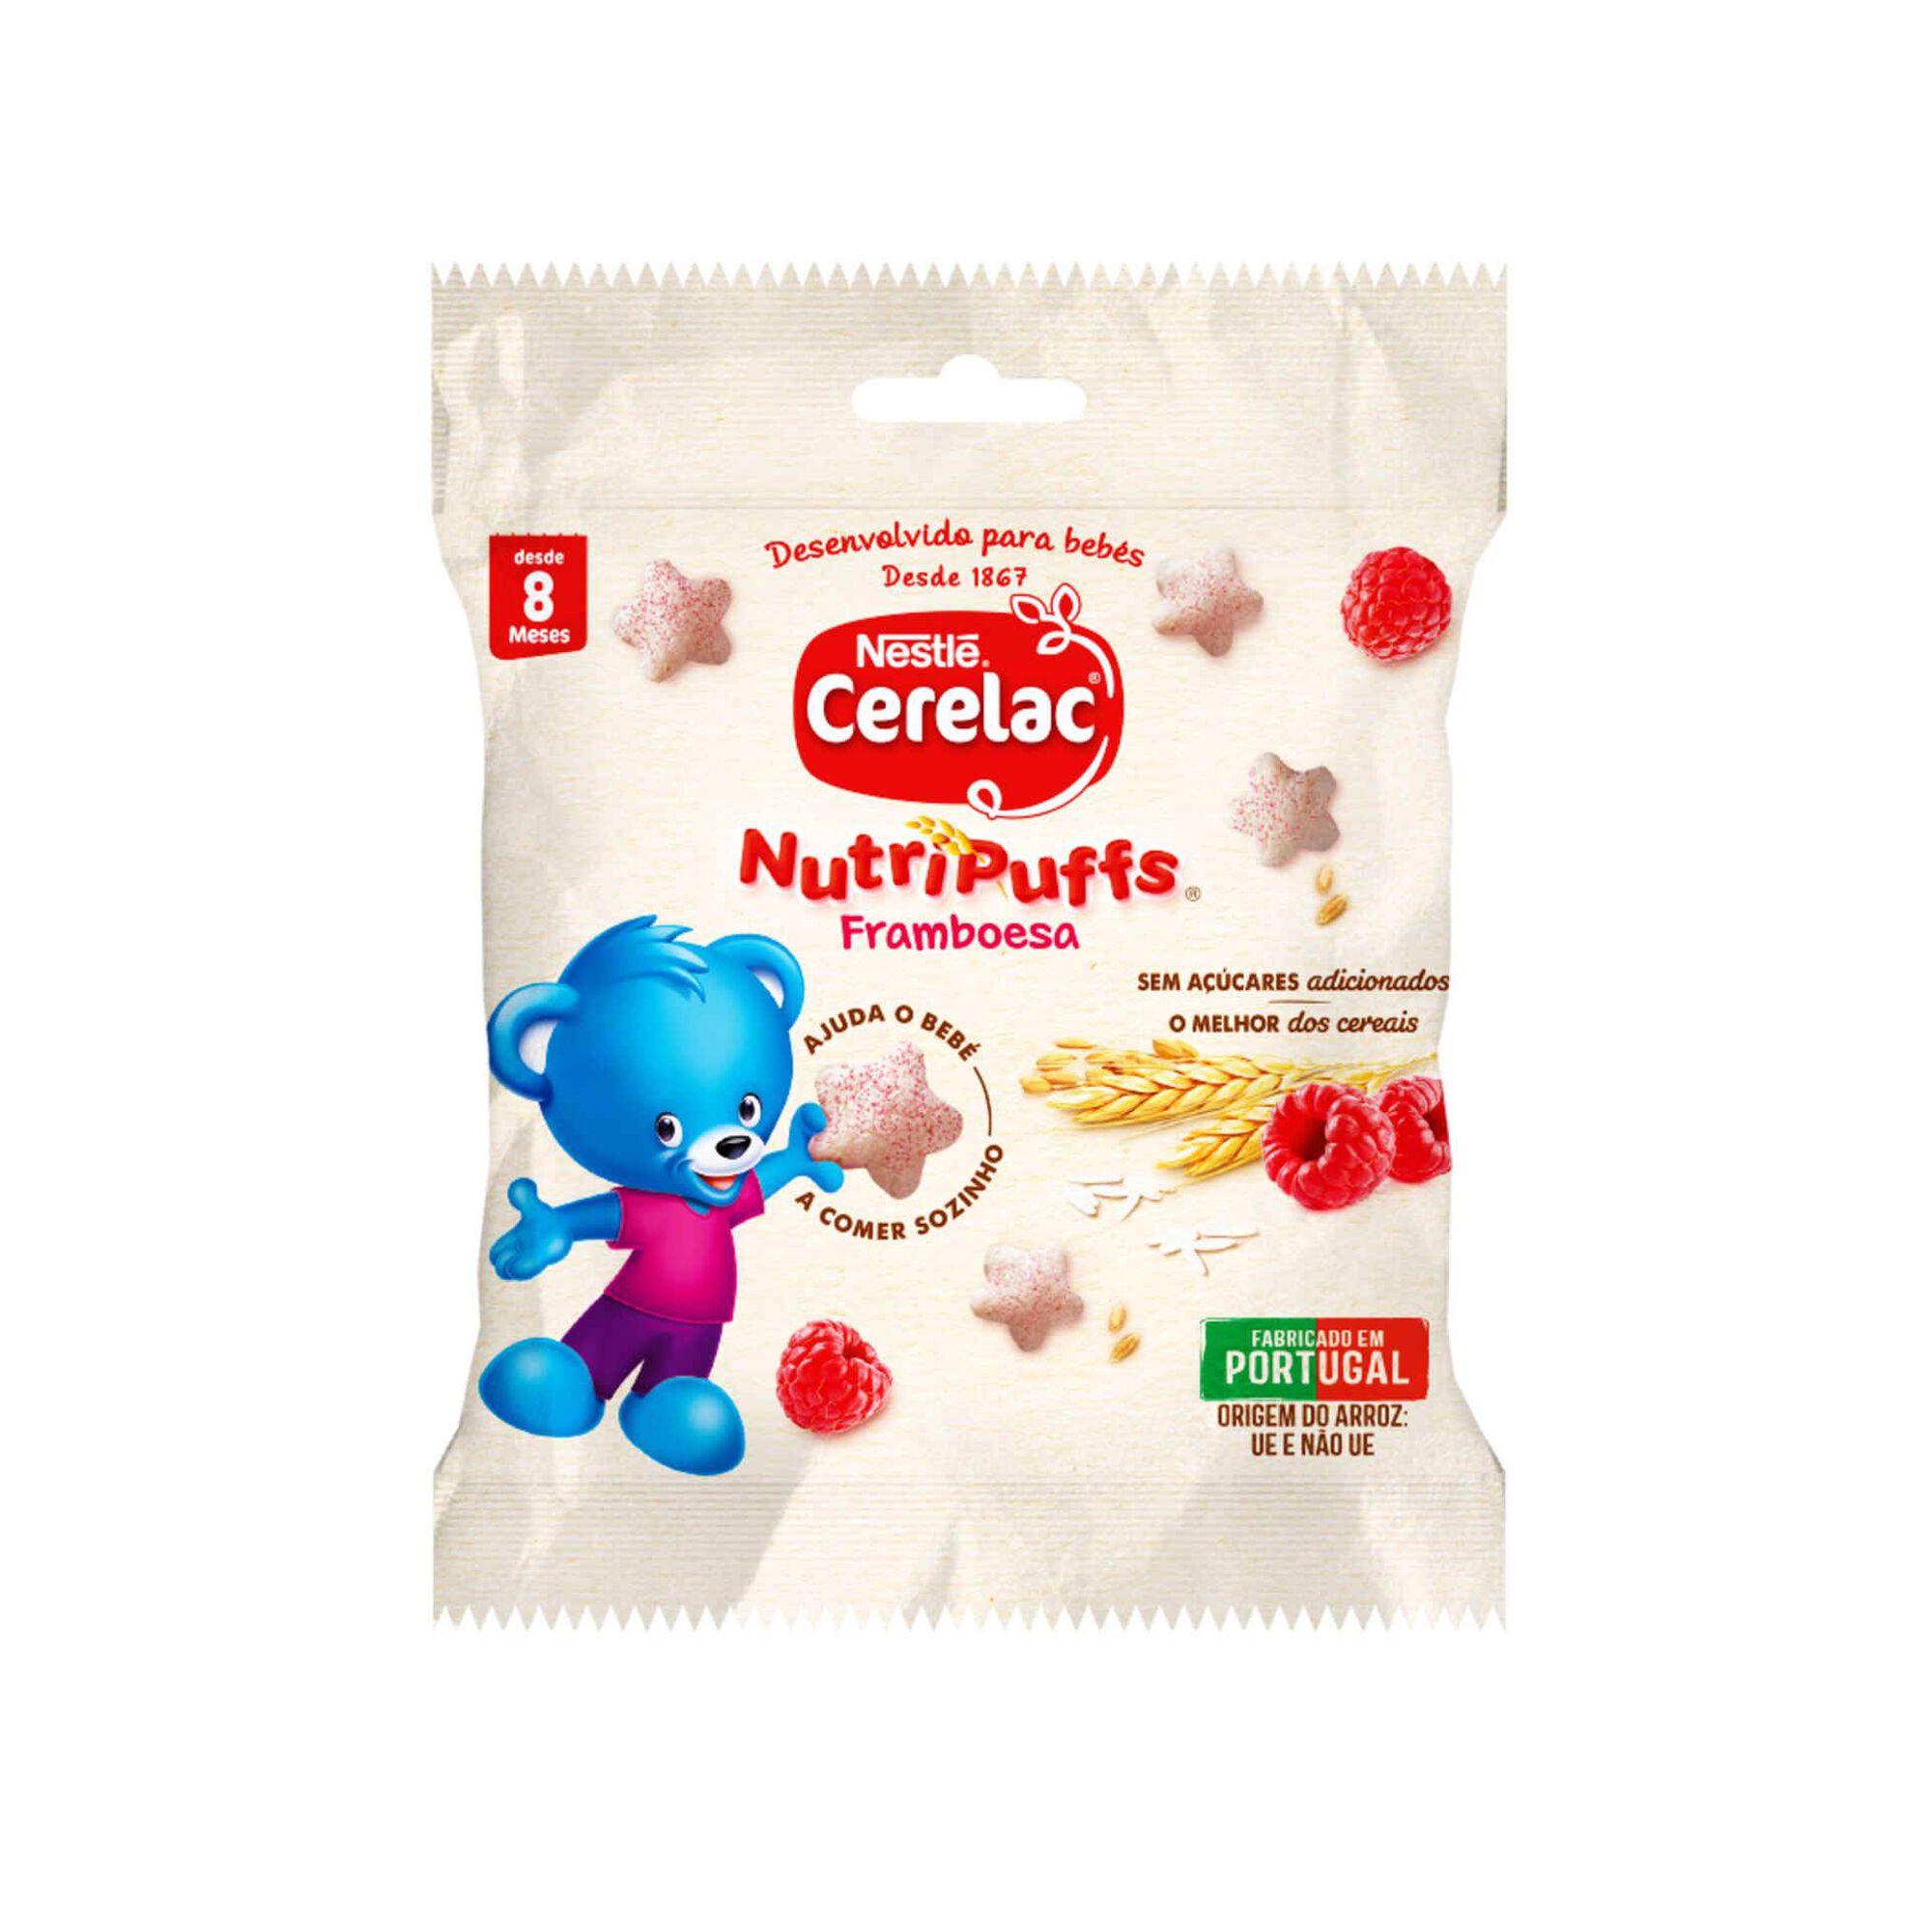 Snack para Bebé de Framboesa NutriPuffs +8 Meses